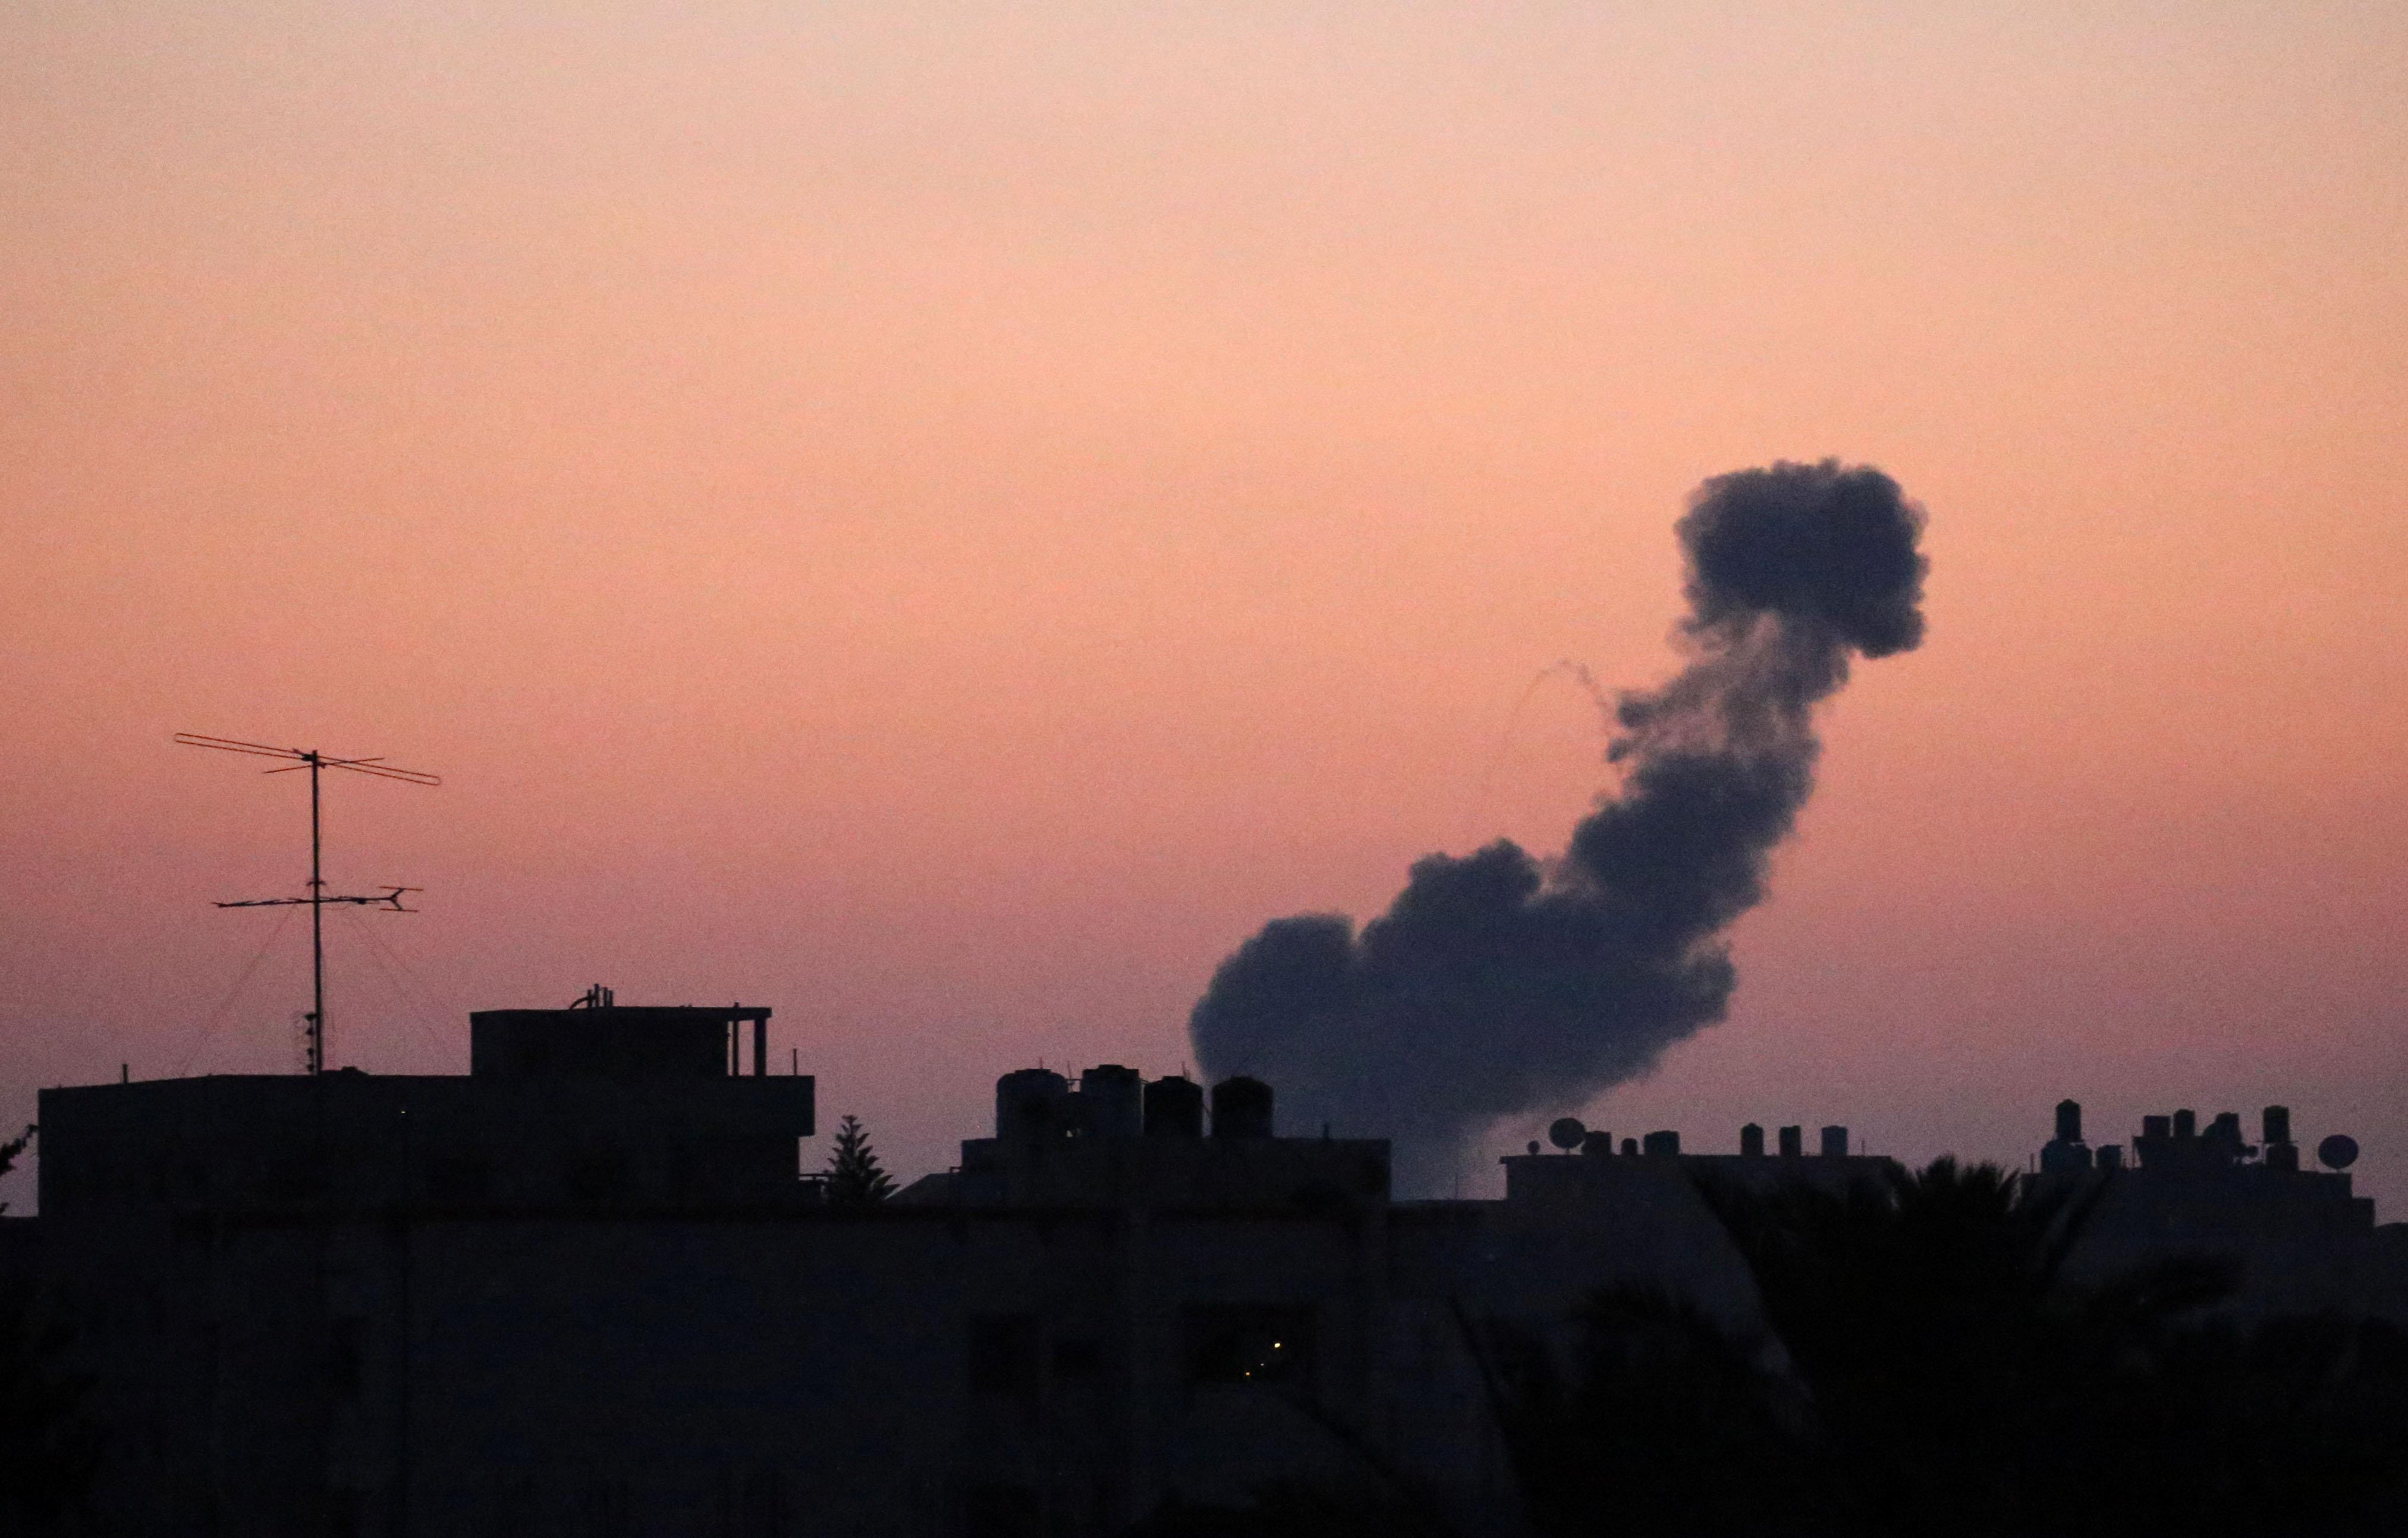 이스라엘 가자지구 폭격으로 팔레스타인 3명